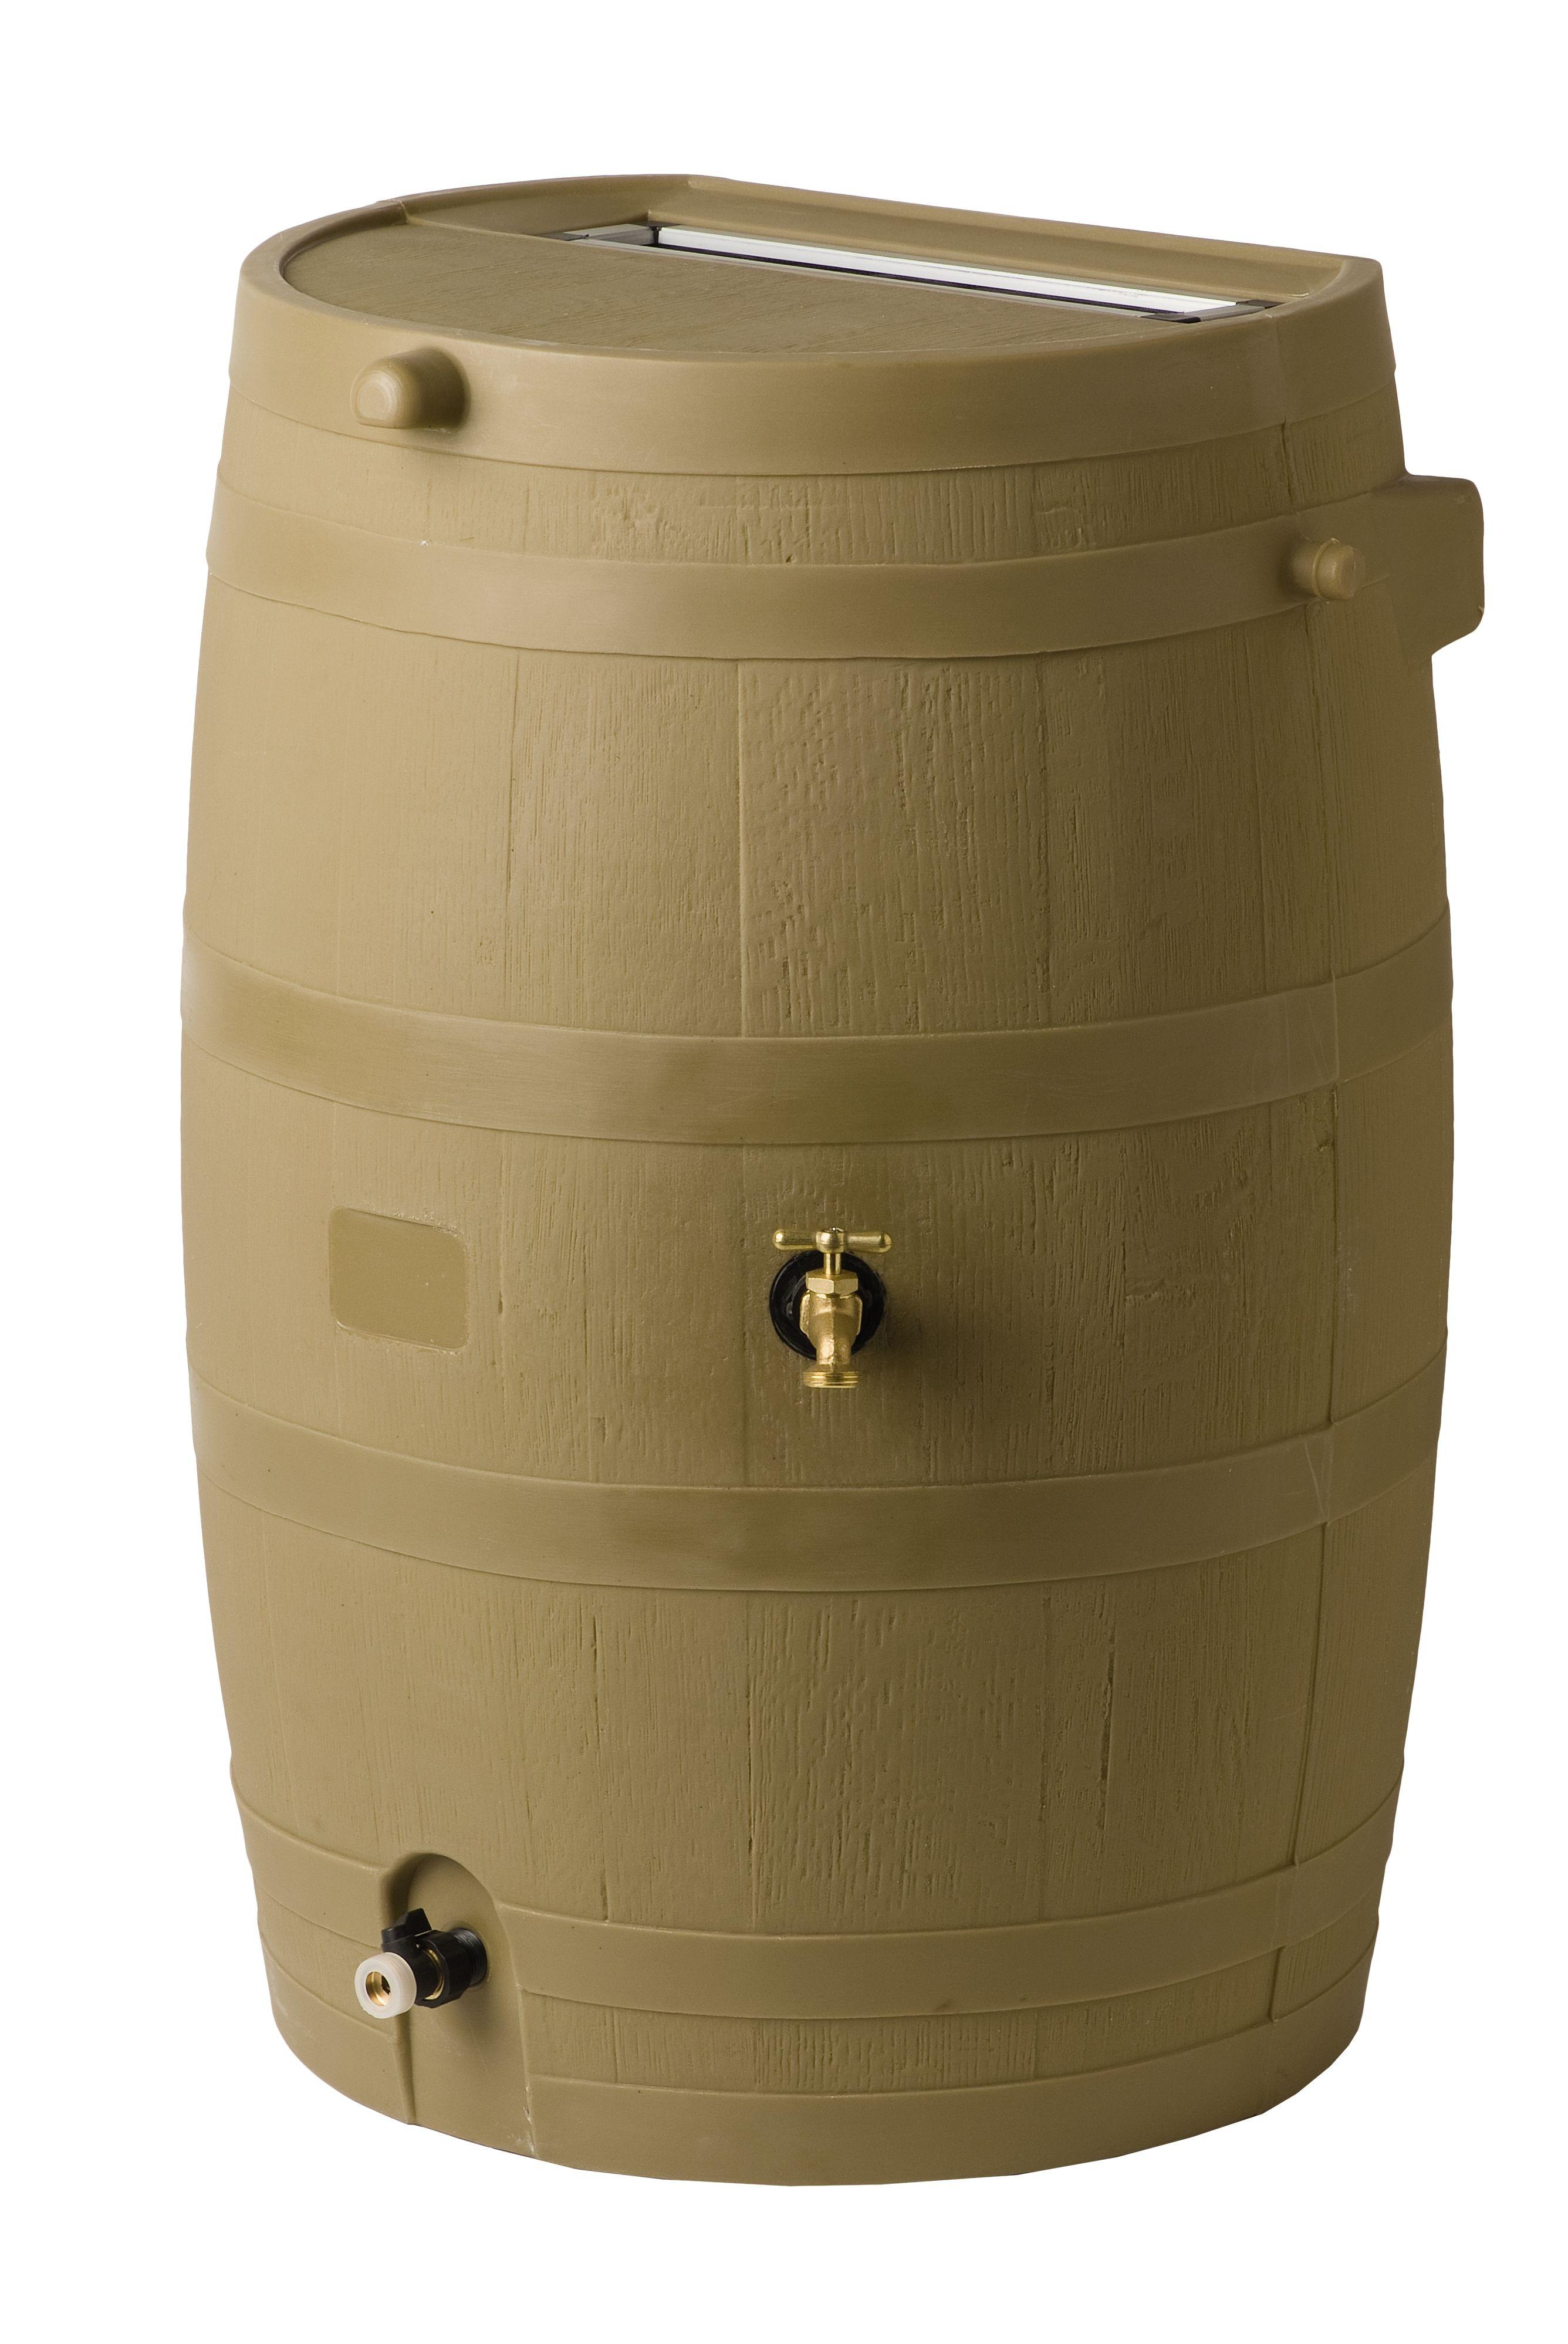 Flat-Back Rain Barrel | Rain barrels | Pinterest | Barrels, Rain ...